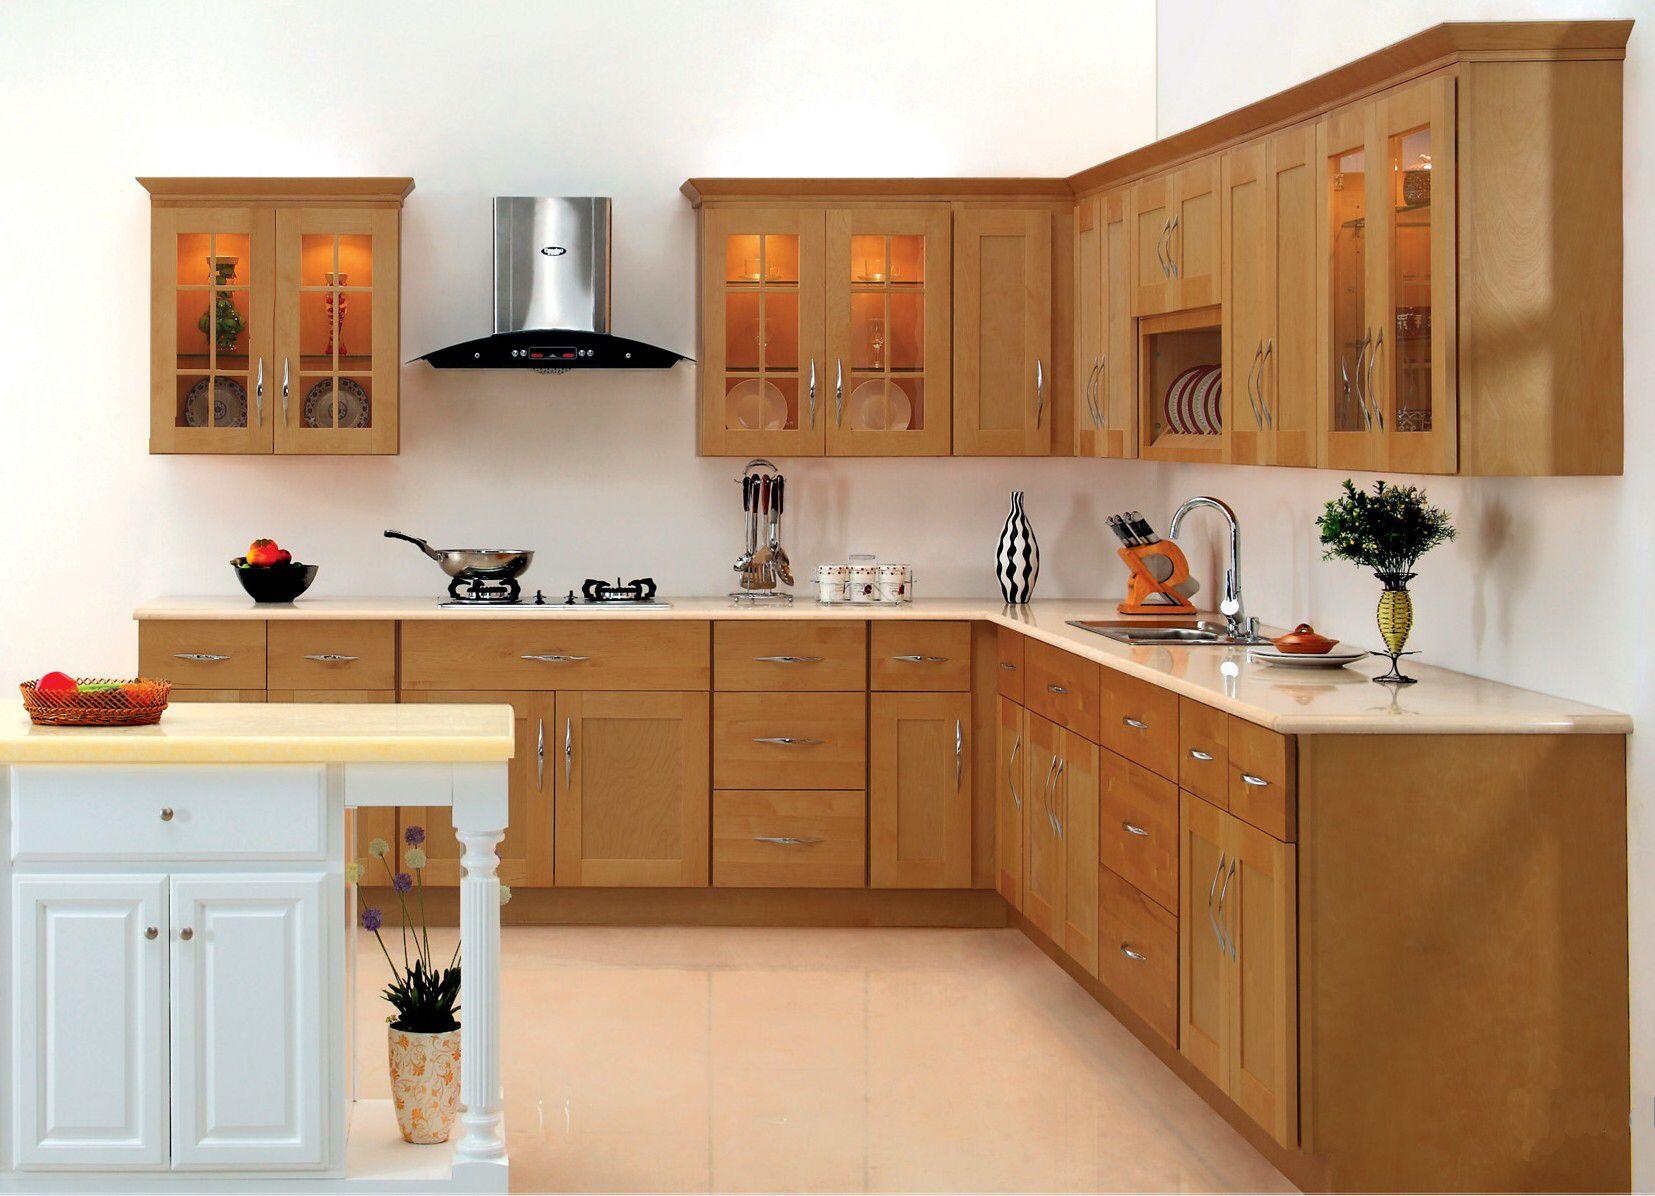 Imagen de http://greenbeins.com/wp-content/uploads/2015/09/cheap-kitchen-cabinets-design-ideas-and-minimalist-photos.jpg.